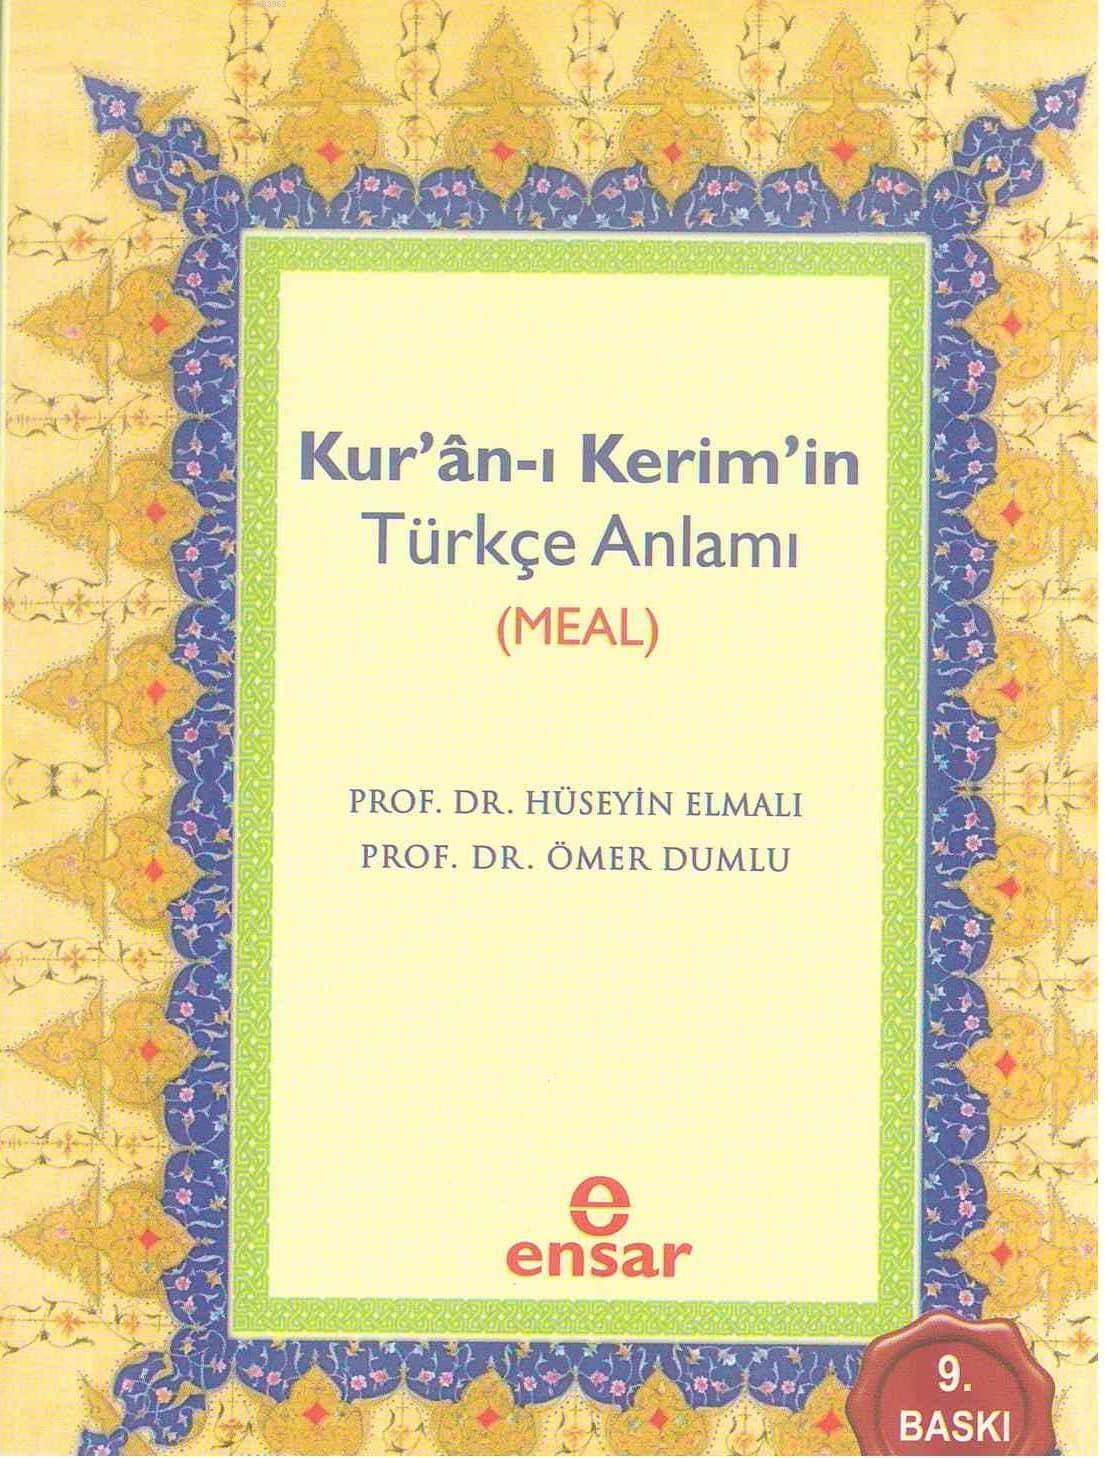 Kuran-ı Kerimin Türkçe Anlamı